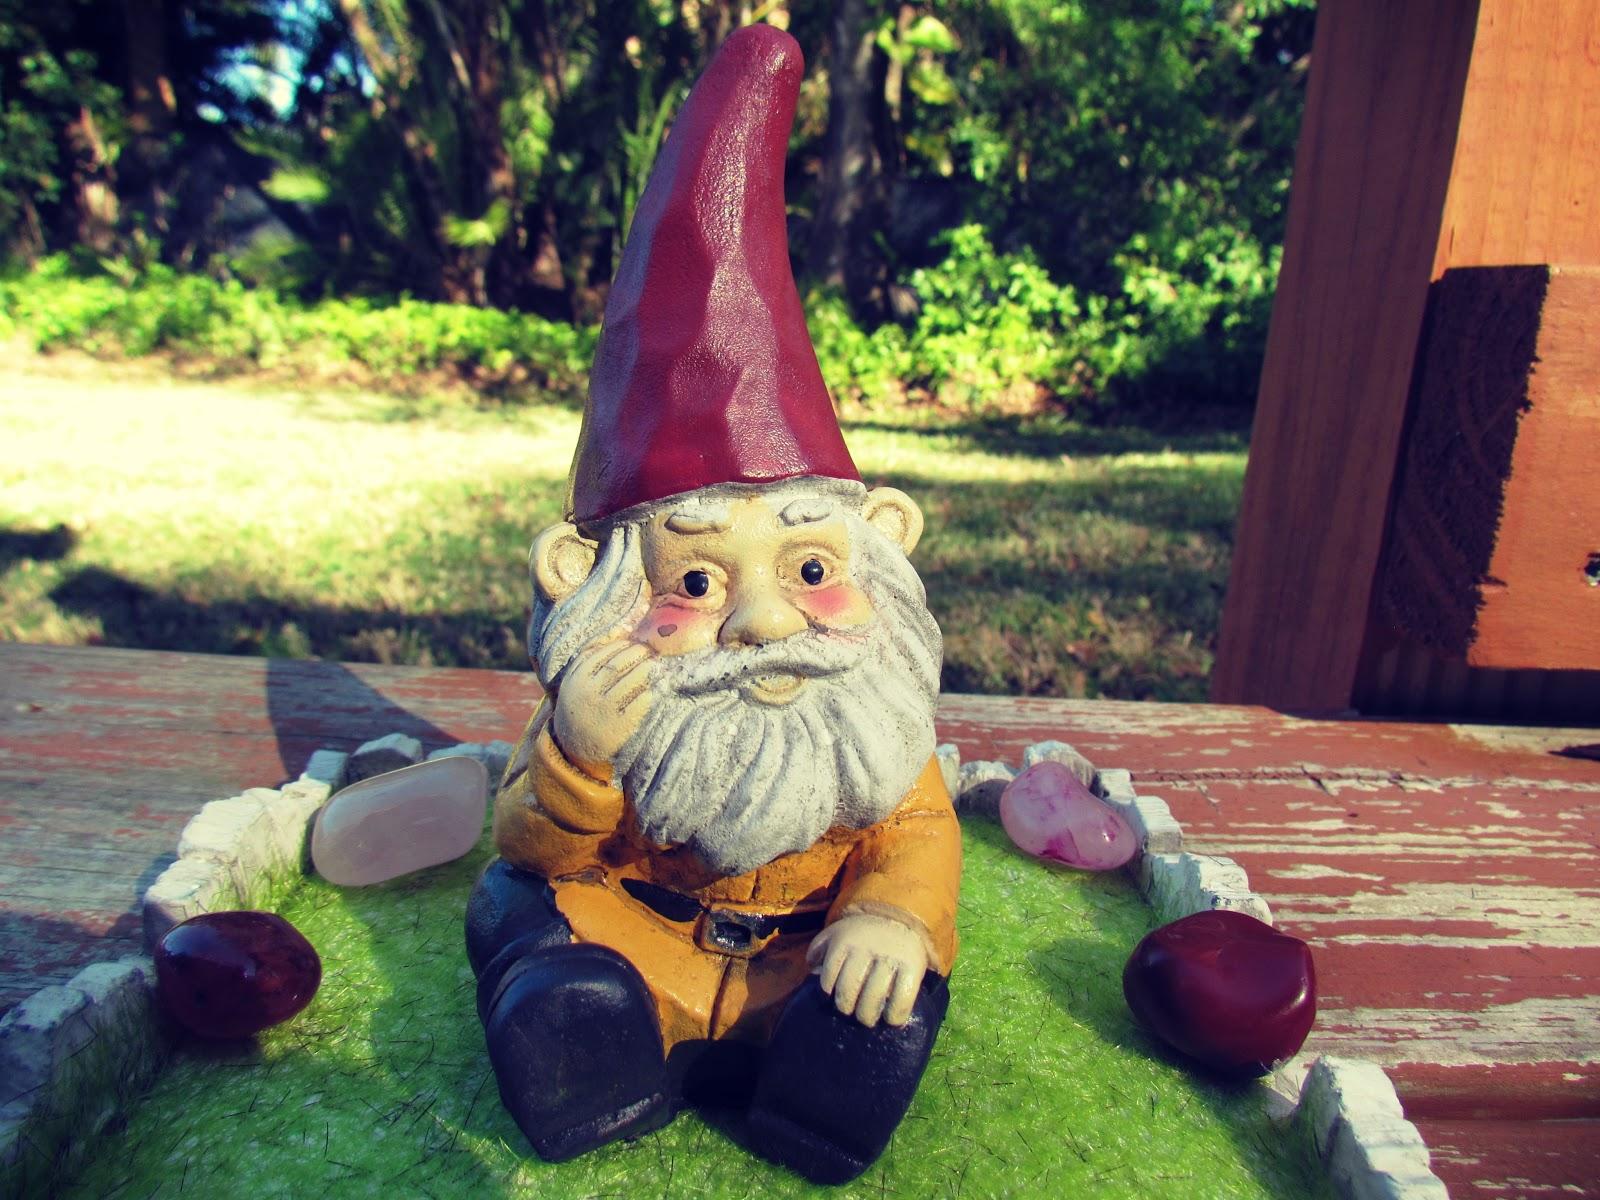 A garden gnome sitting in a green zen garden in the backyard in Florida + Florida Living